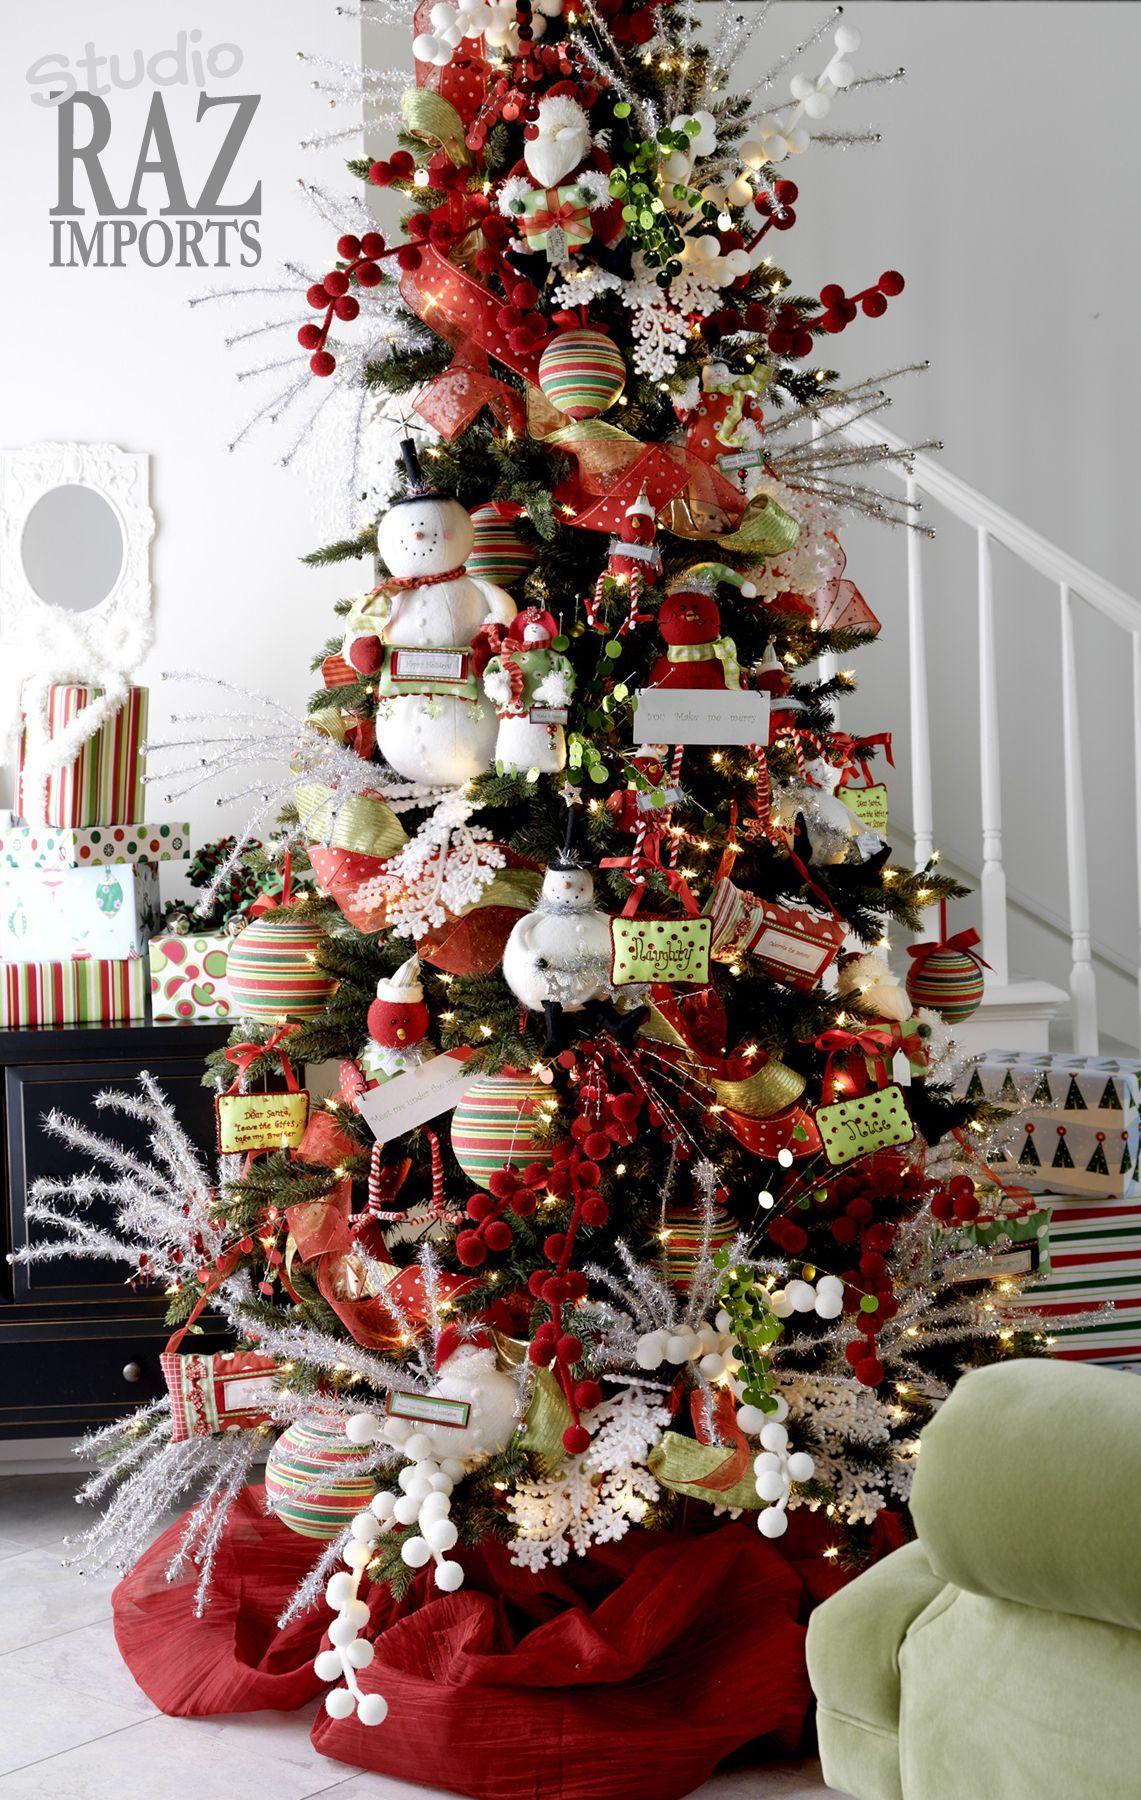 Rbol de navidad 60 ideas preciosas para decorar pinos - Decoracion arboles navidenos ...